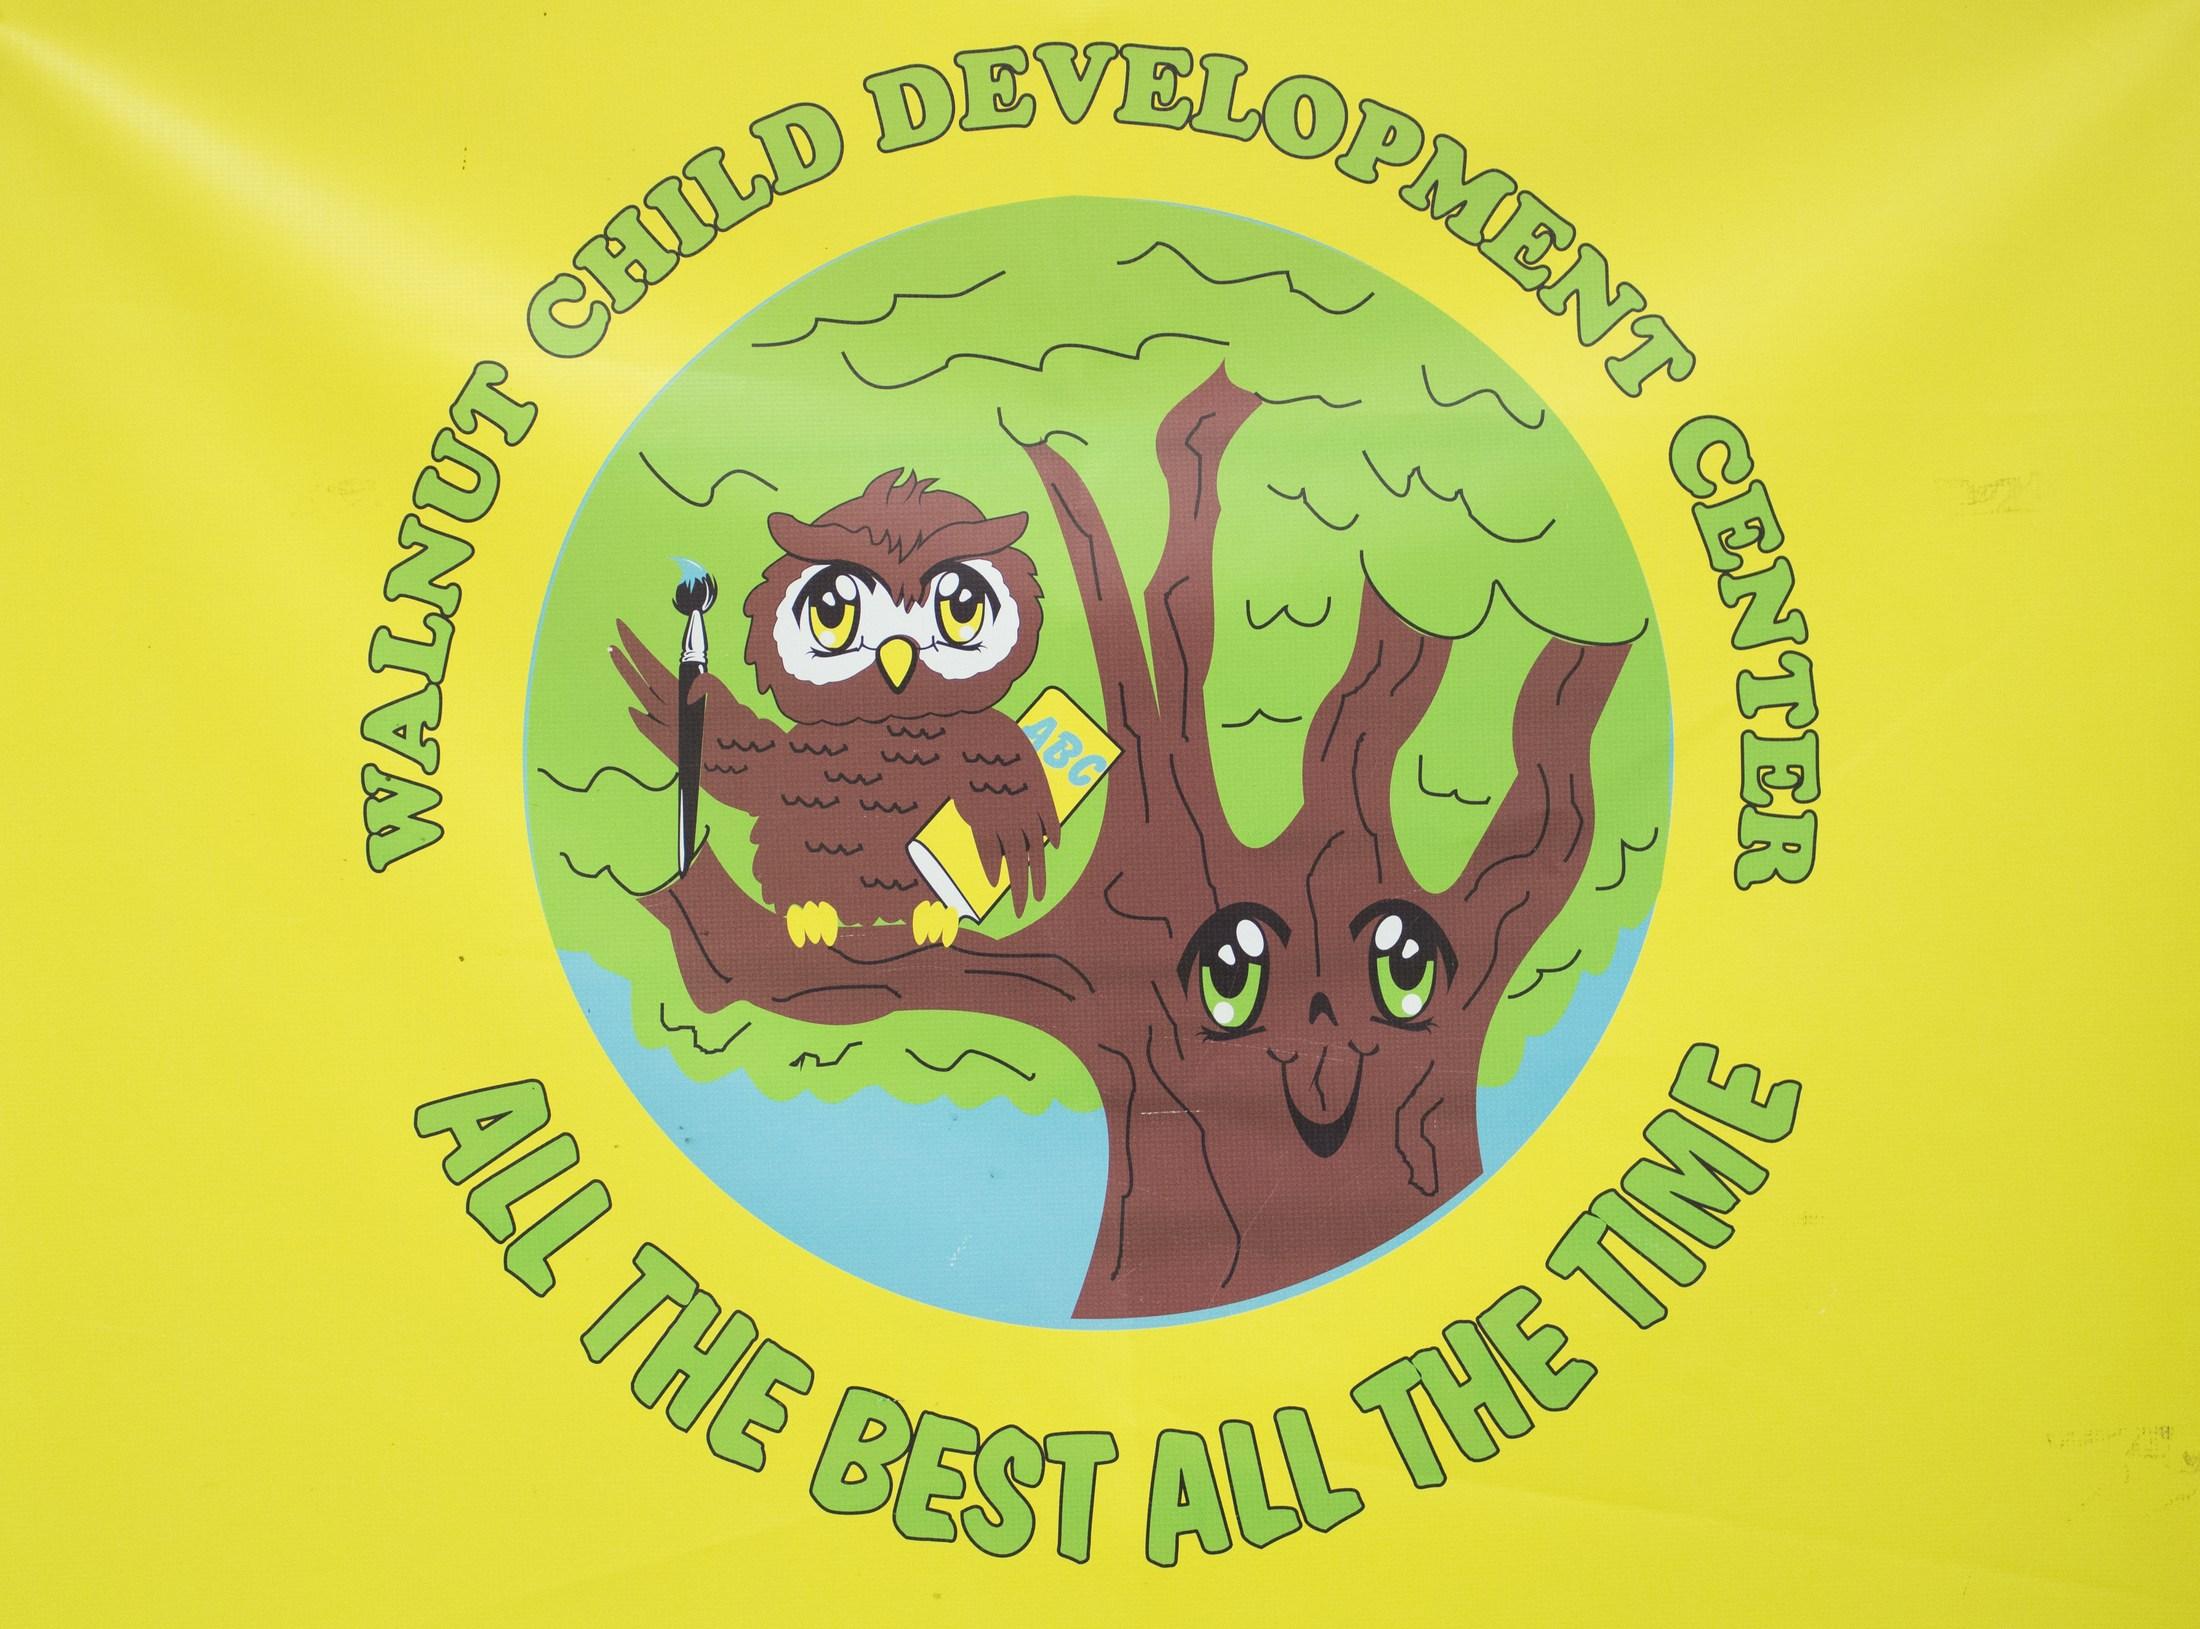 Walnut Child Development Center